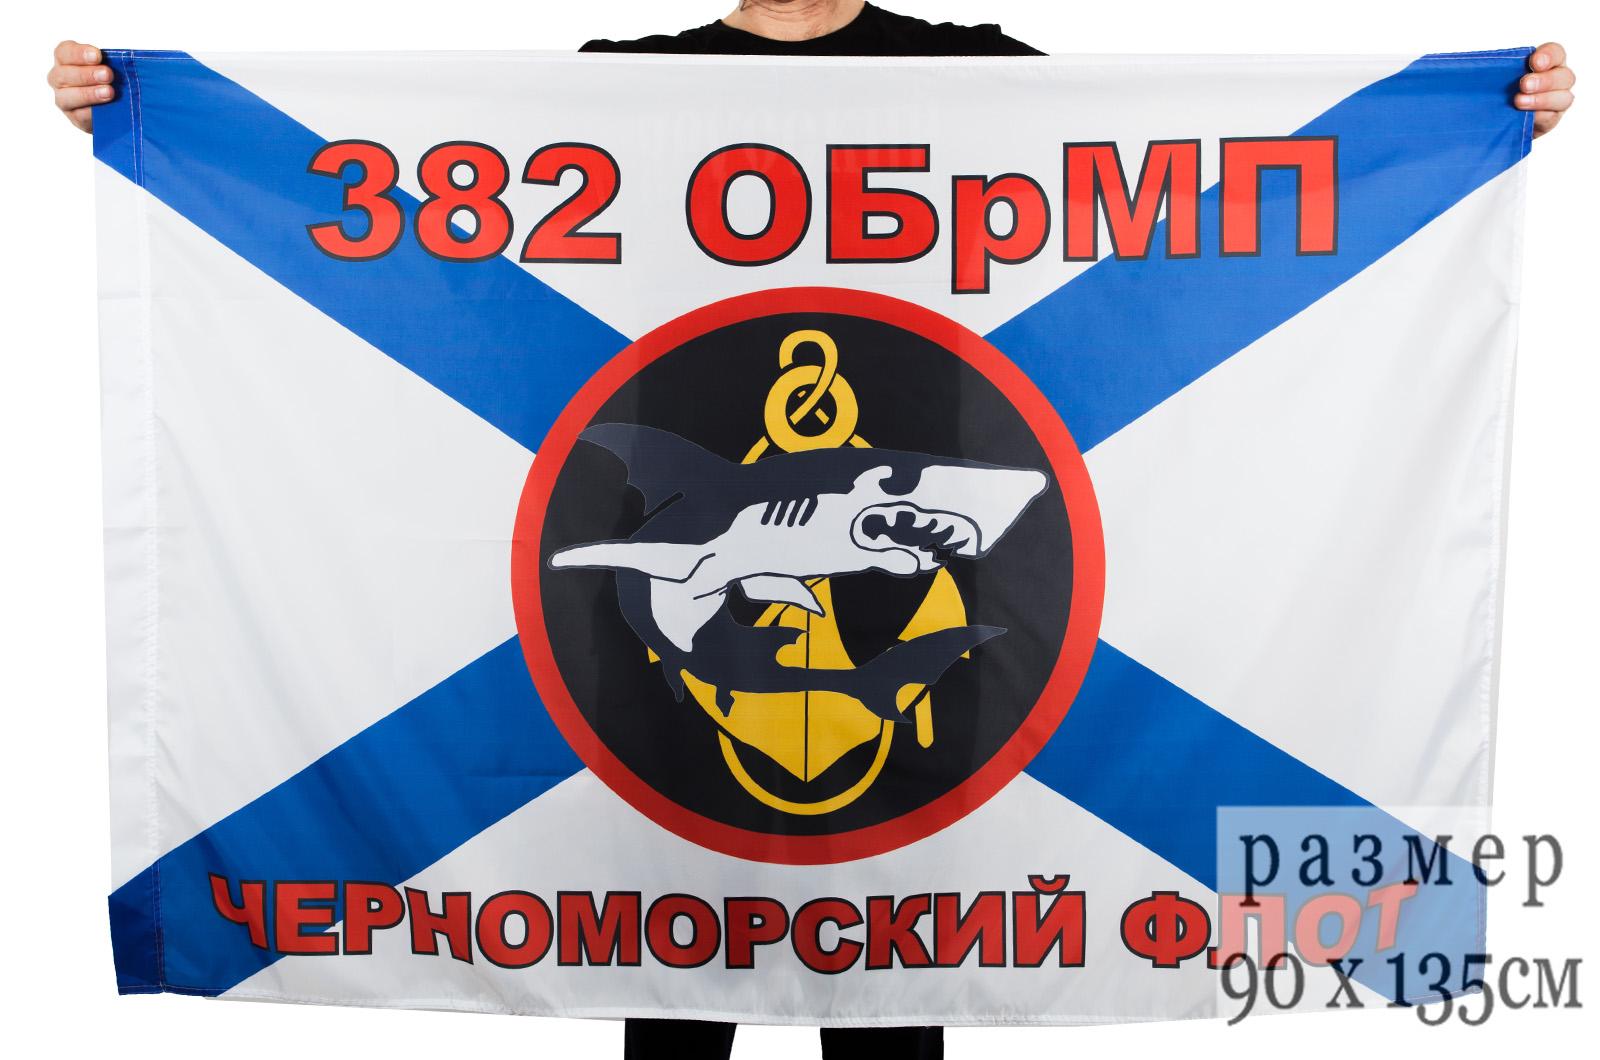 Купить флаг Морской пехоты 382 ОБМП Черноморский флот